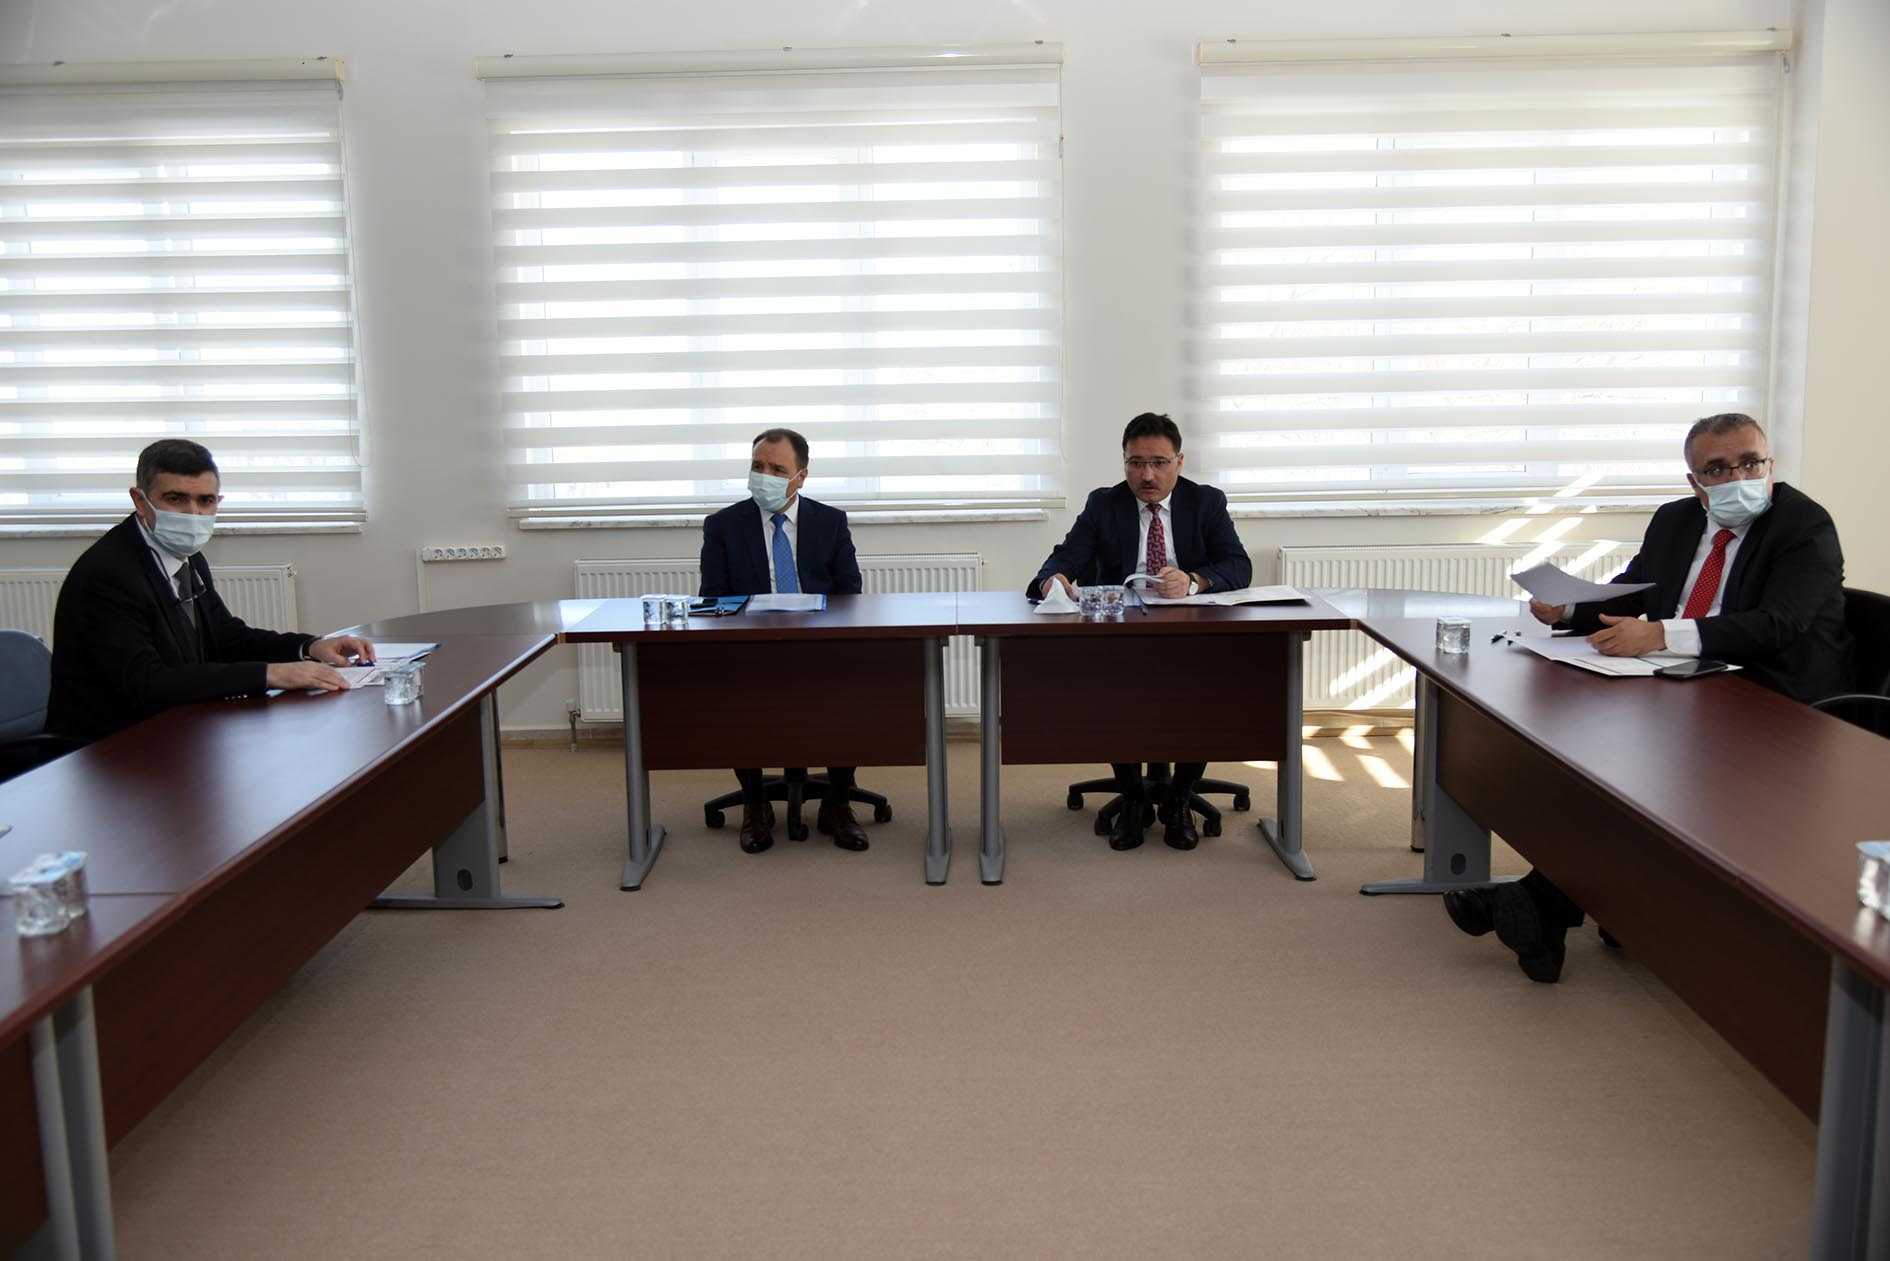 Turizm Fakültesinde Frigya Afyon Bölgesi Ayazini Konulu Değerlendirme Toplantısı Gerçekleştirildi